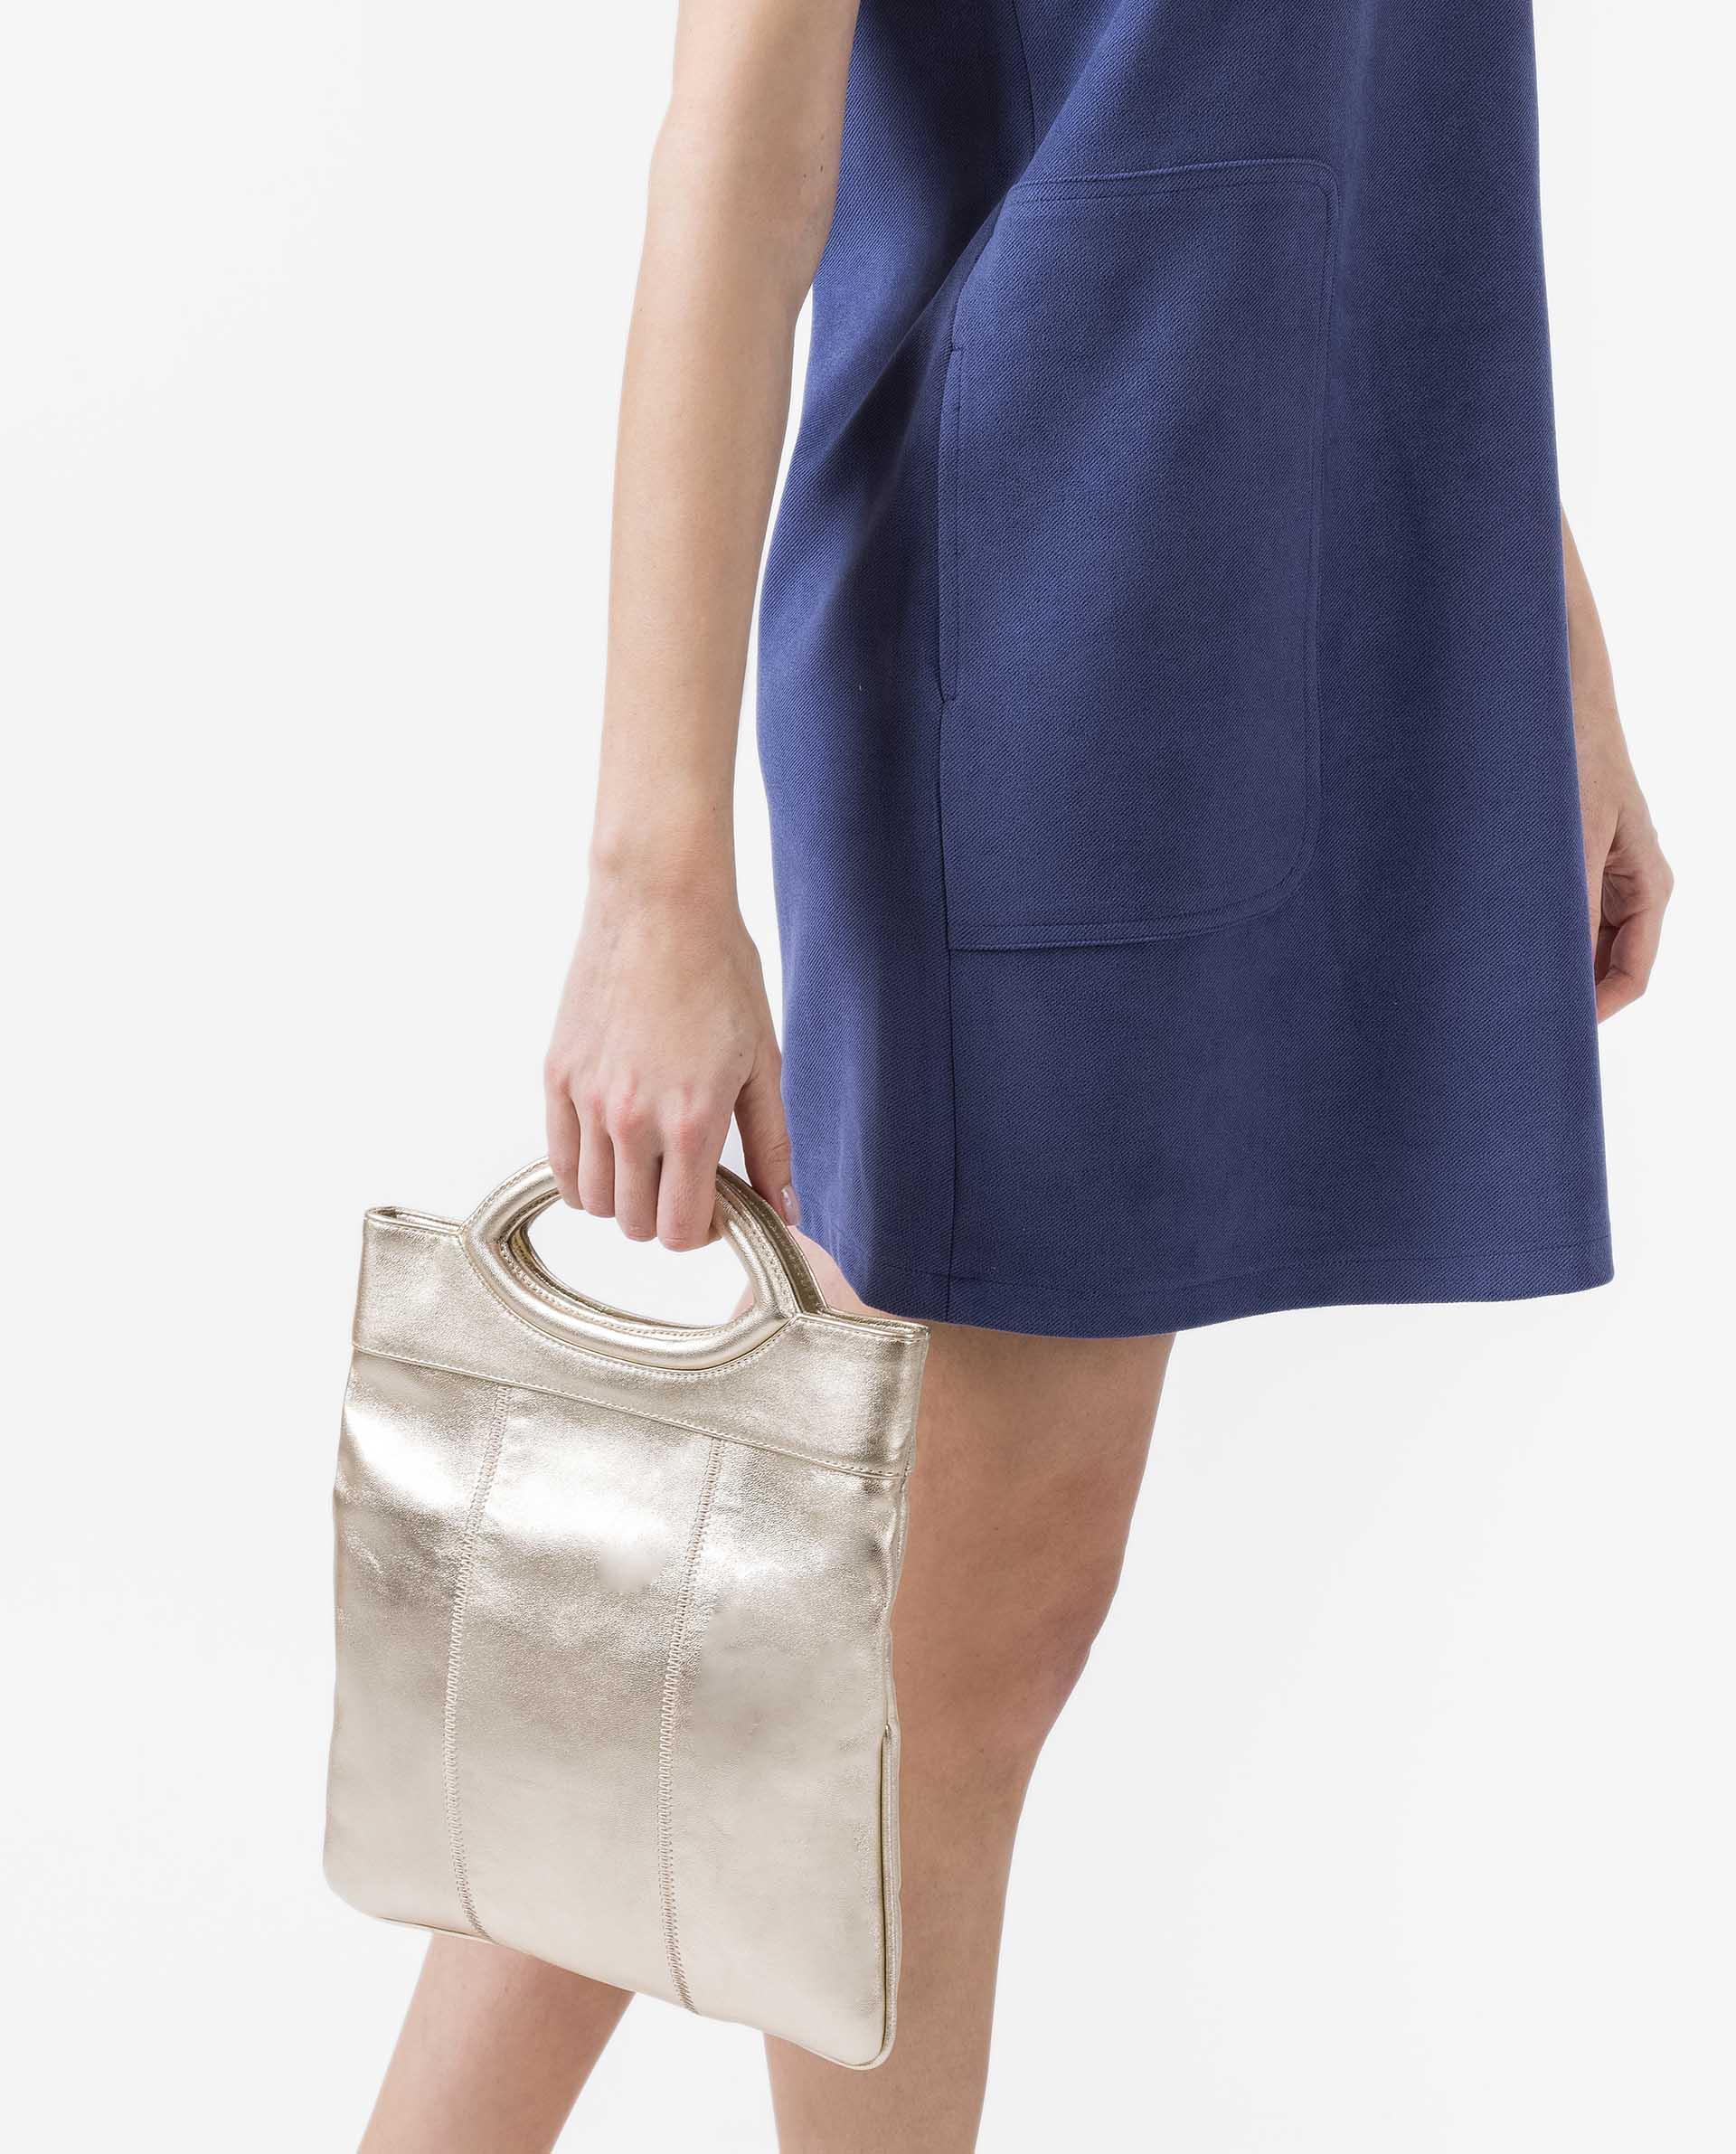 UNISA Tasche aus Metallic-Leder mit doppeltem Umschlag ZGALATE_LMT 5